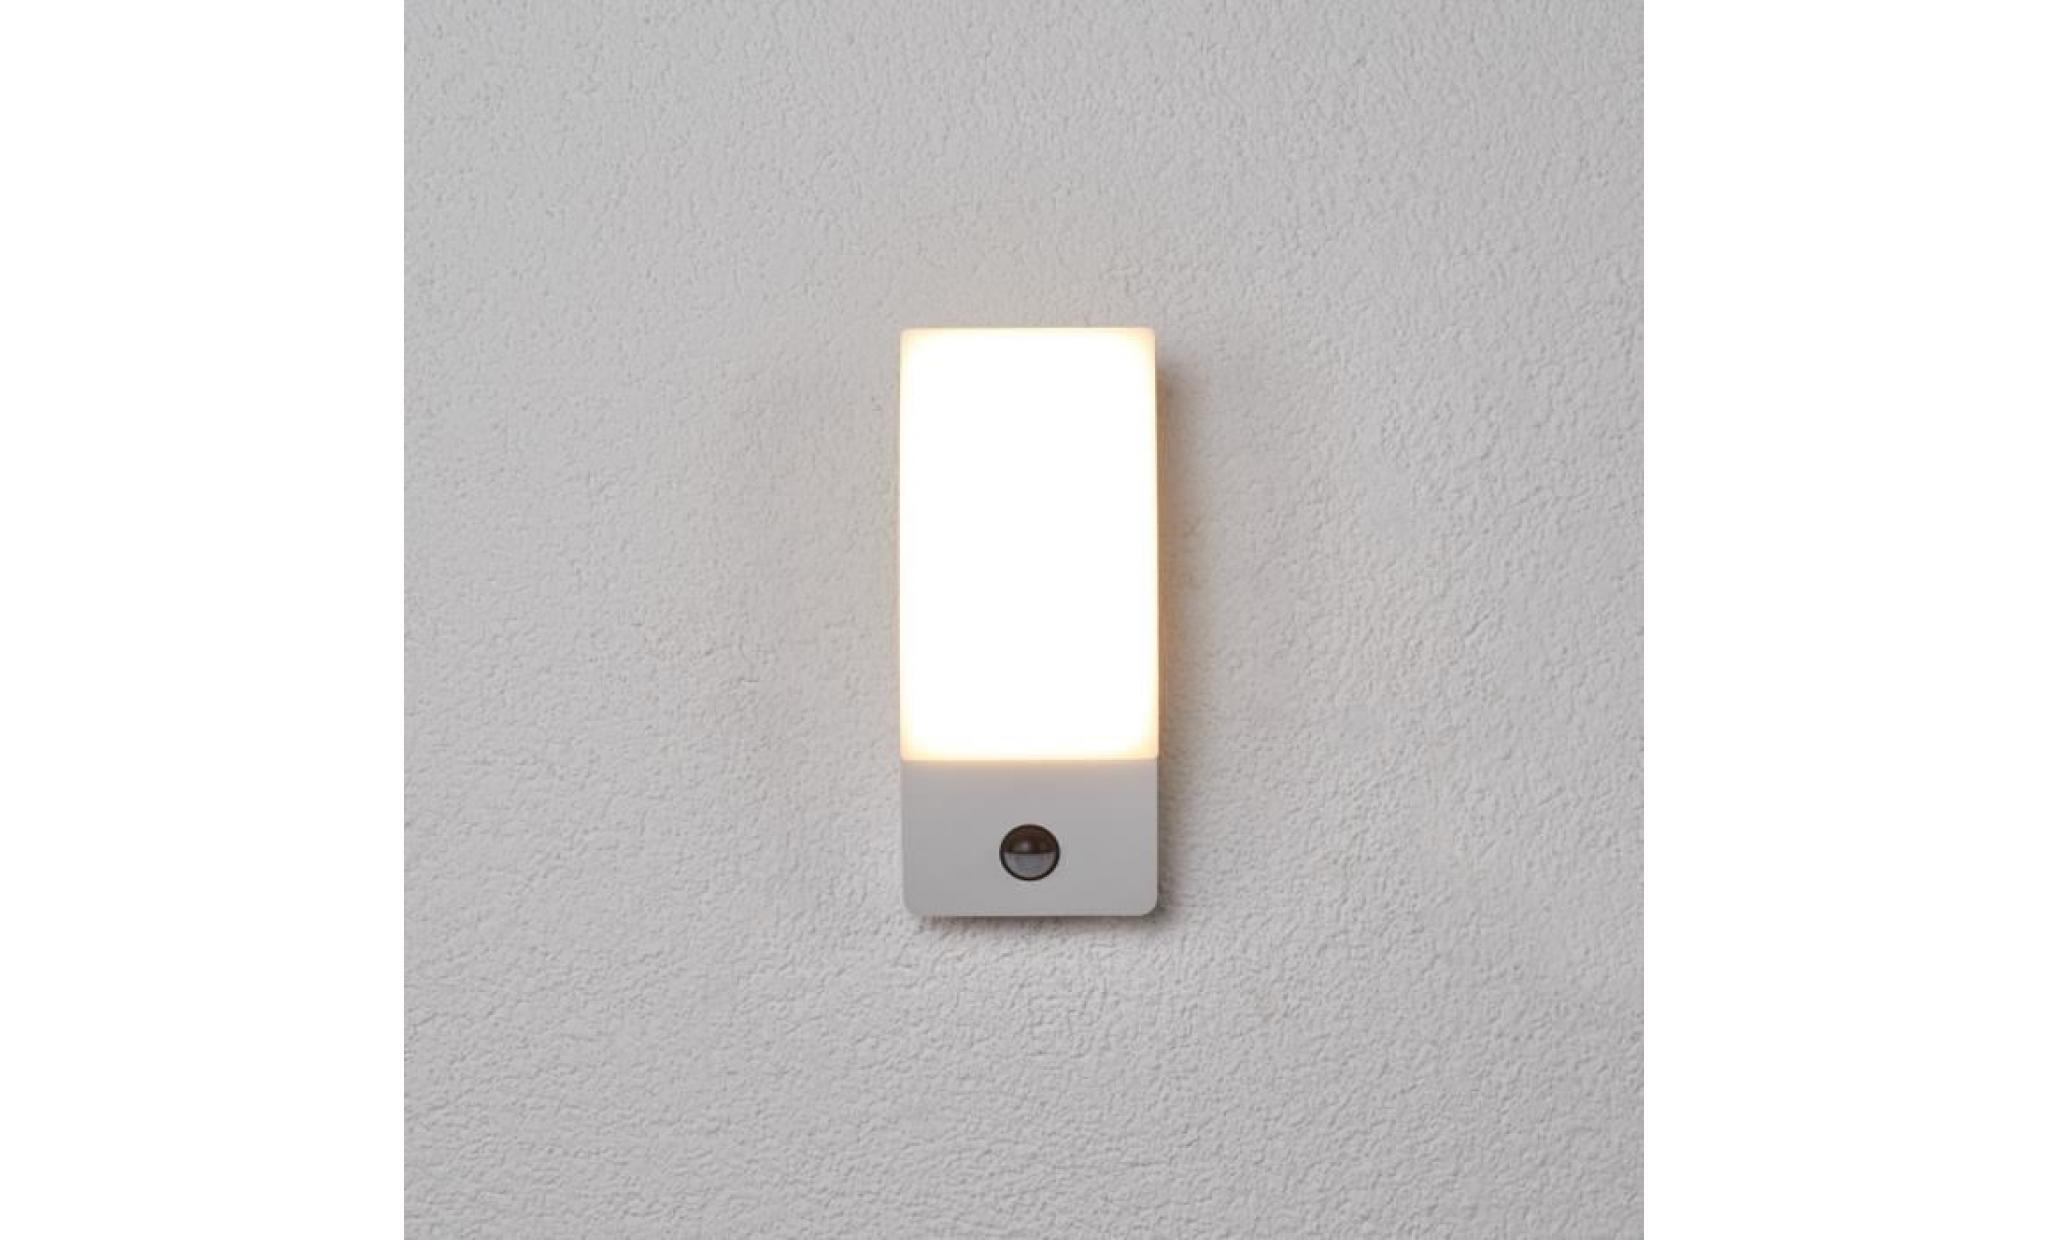 applique d'extérieur led détecteur de mvment siara - achat/vente